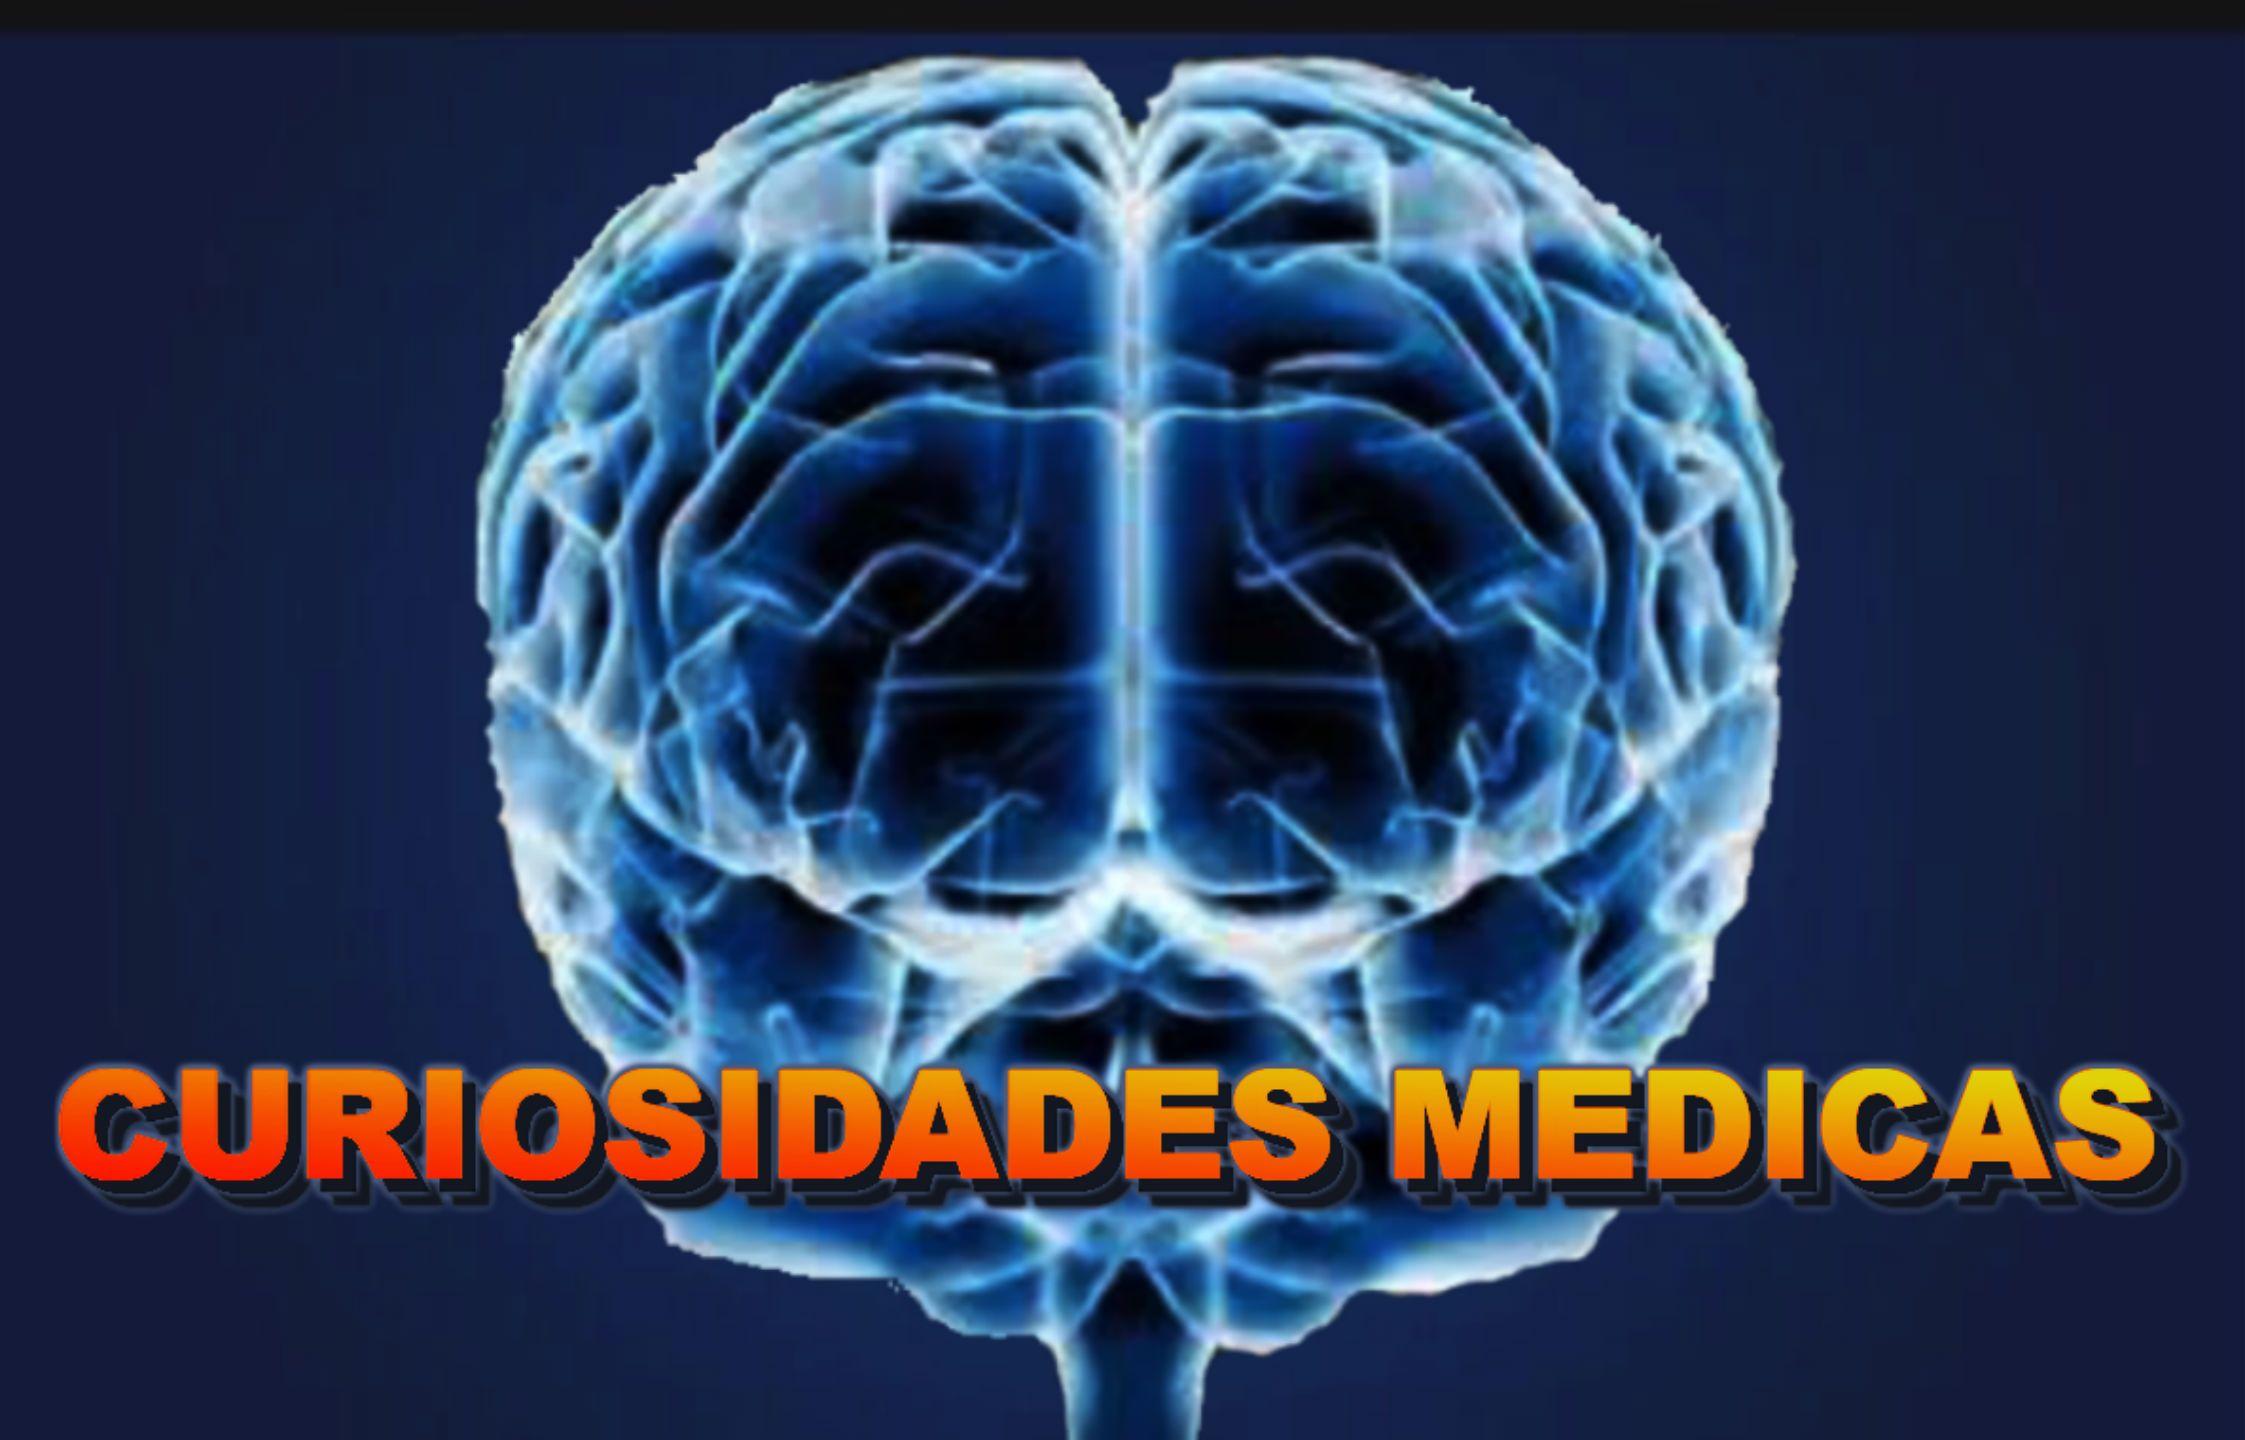 Dedicada a investigar e informar sobre todo lo relacionado al mundo de la medicina